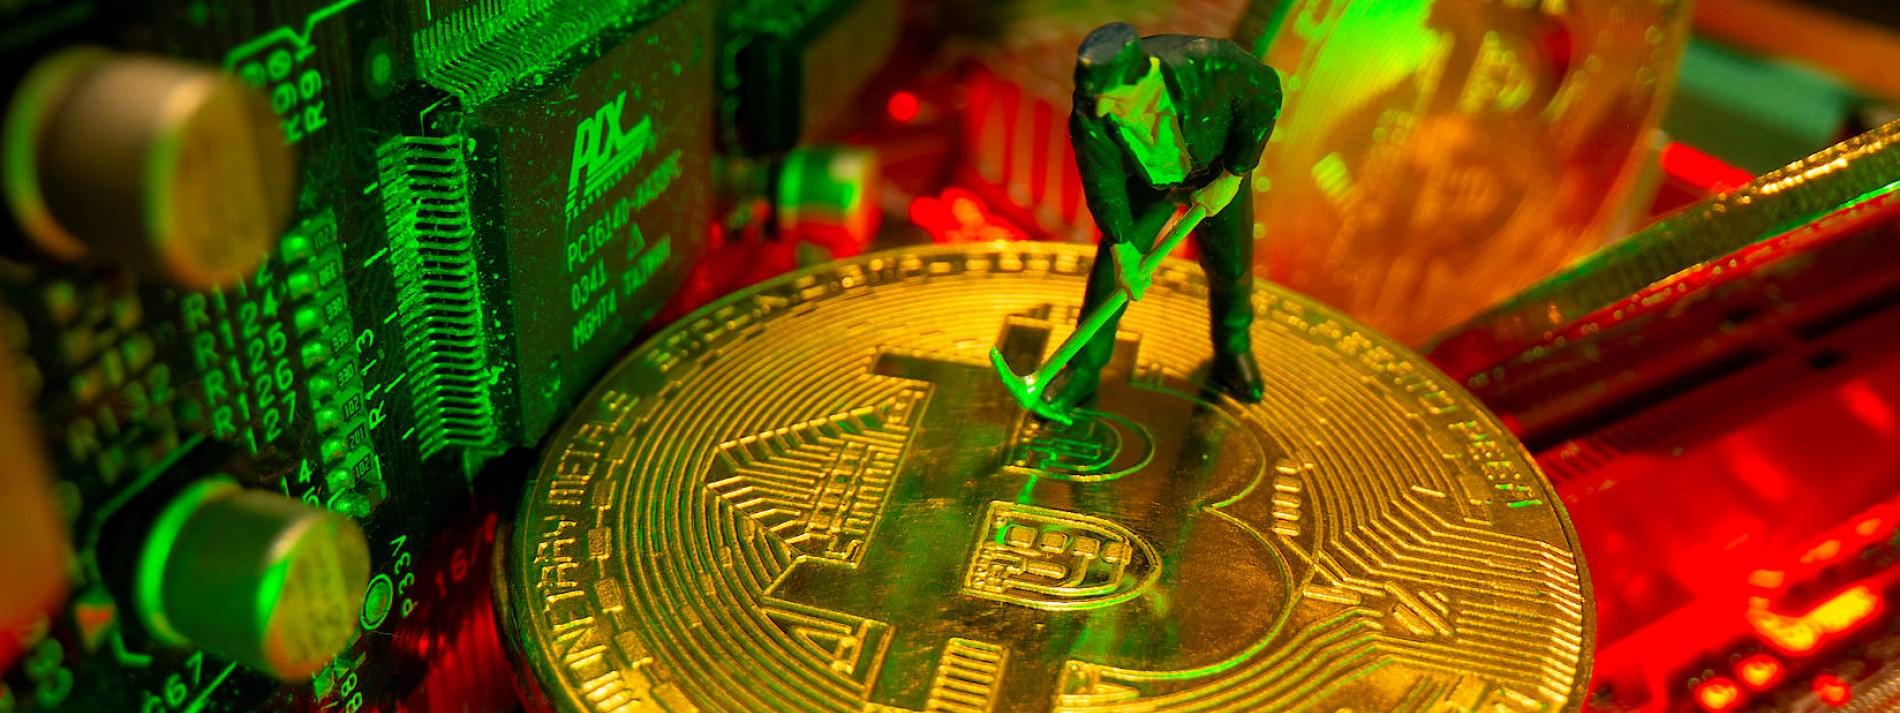 bitcoin-händler irland jetzt 25% bonus sichern